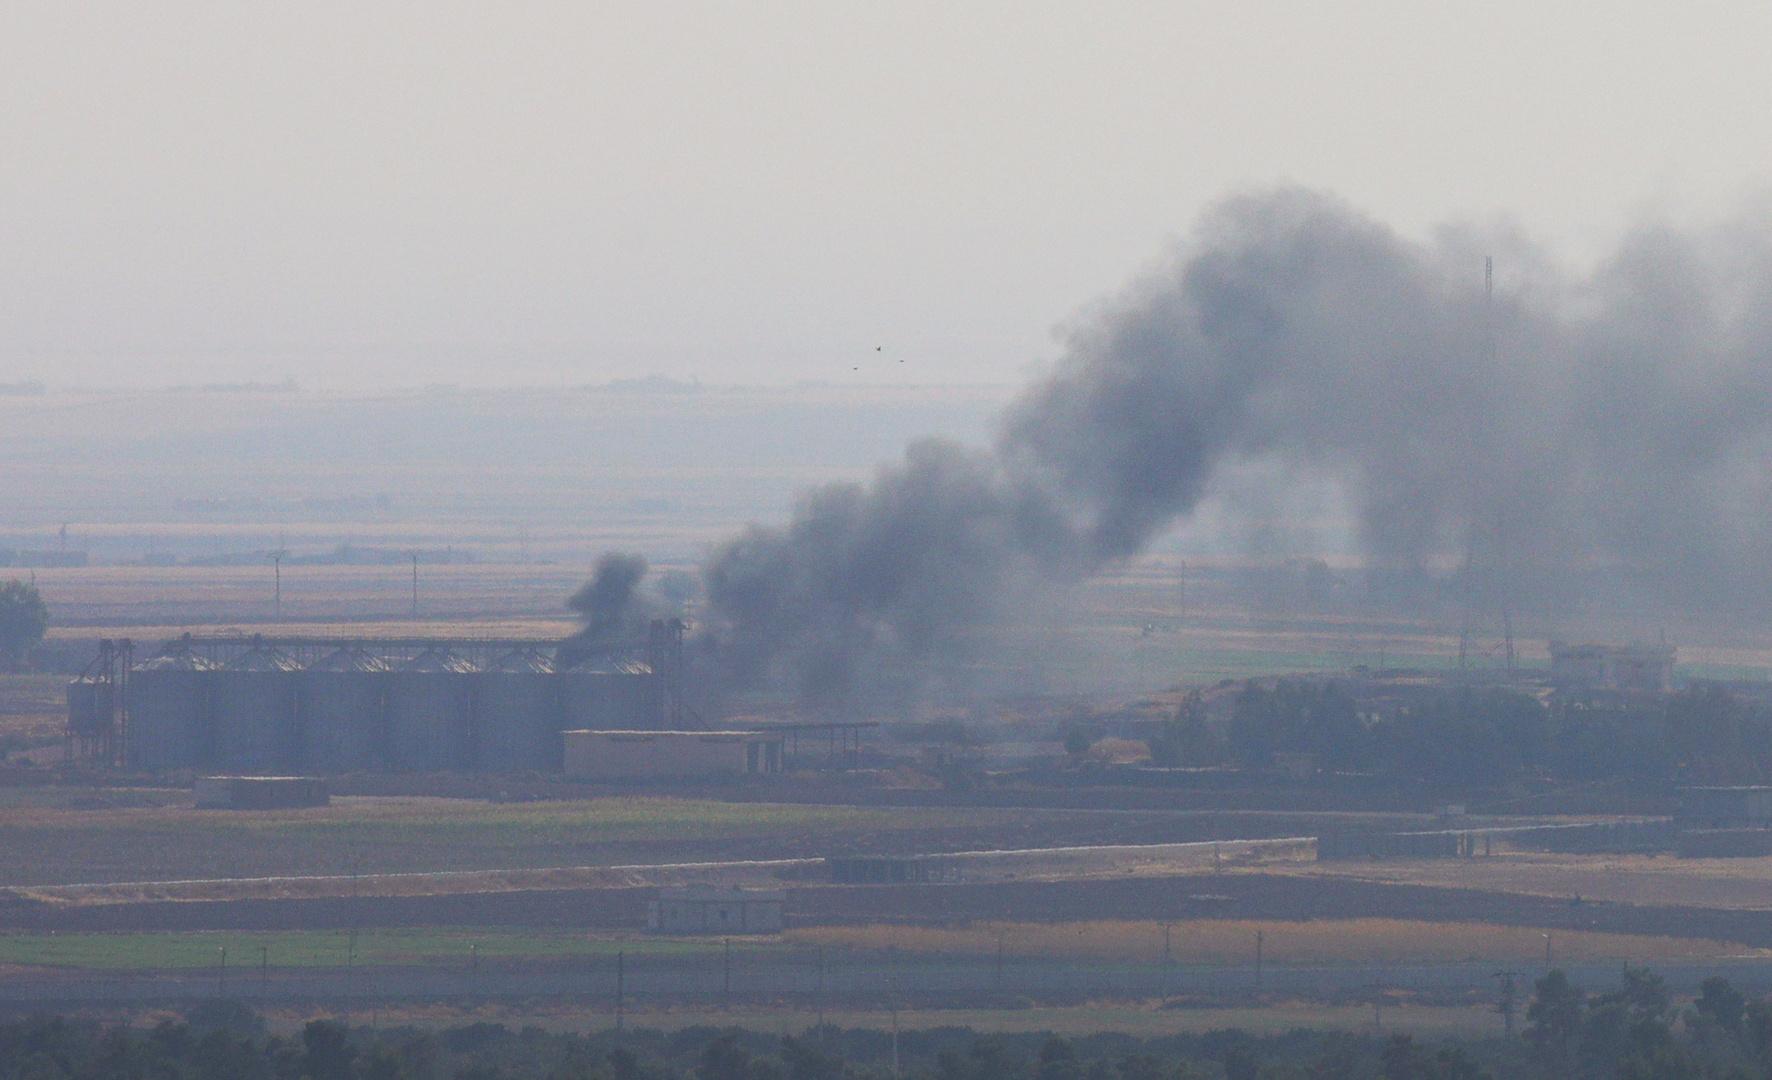 وزارة الدفاع التركية: مقتل 4 جنود بانفجار سيارة شمال شرقي سوريا